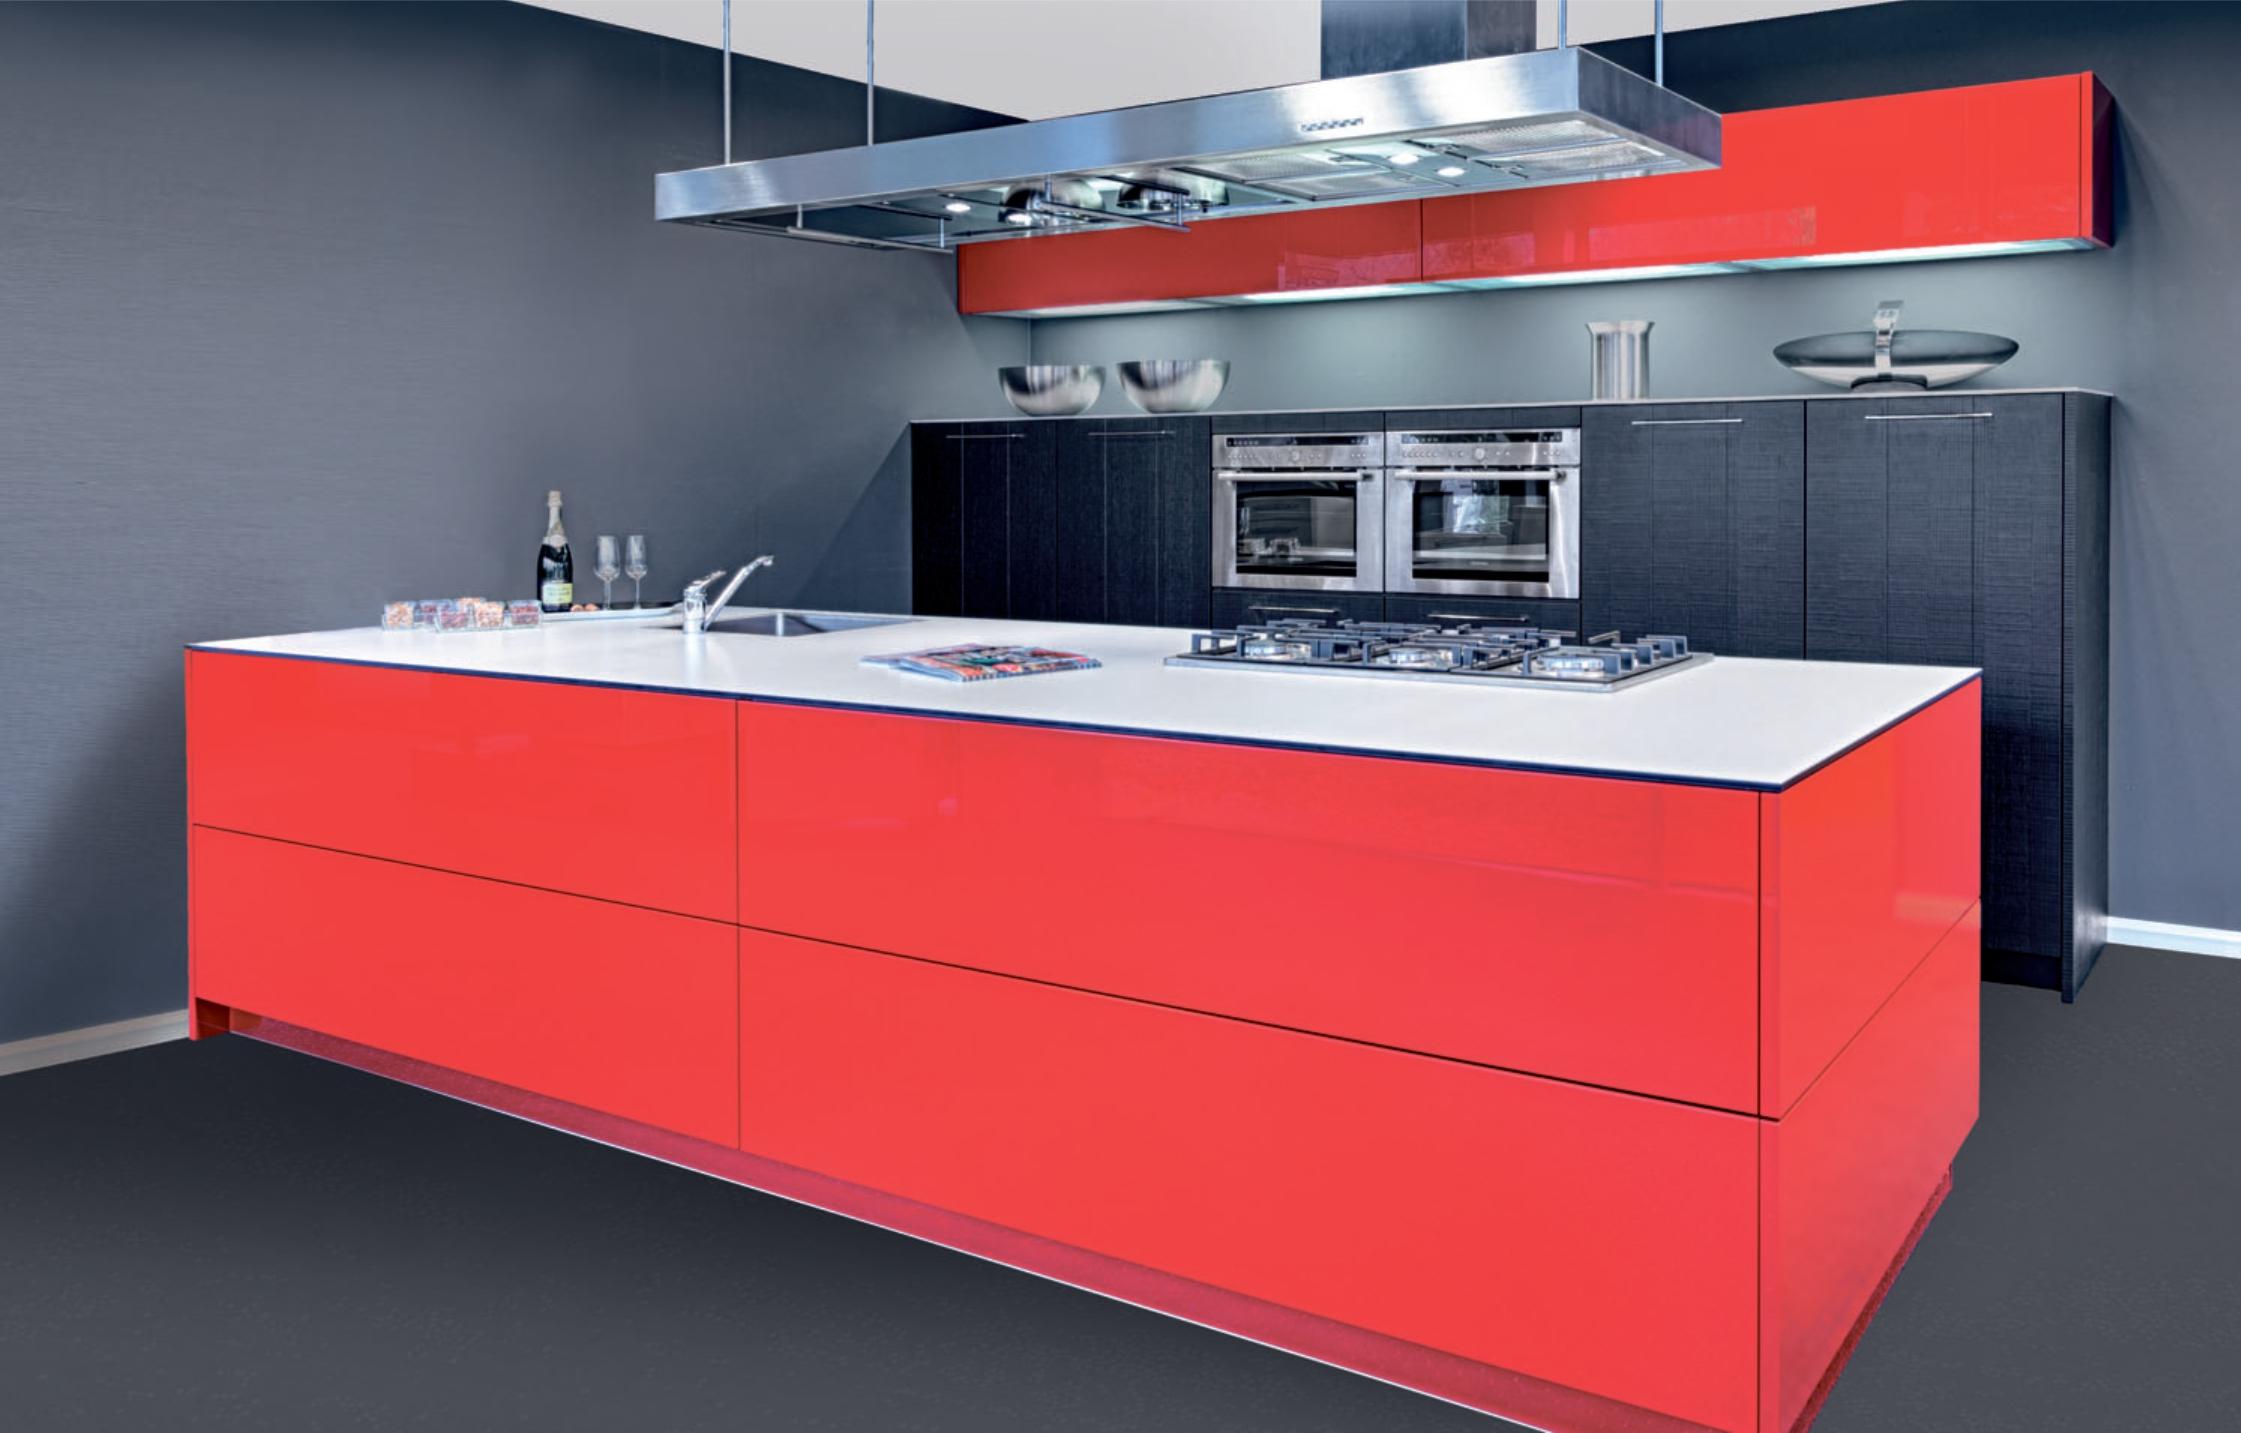 Design Keuken Groningen : Design keuken luxe en hip kristal keukens gorredijk heerenveen